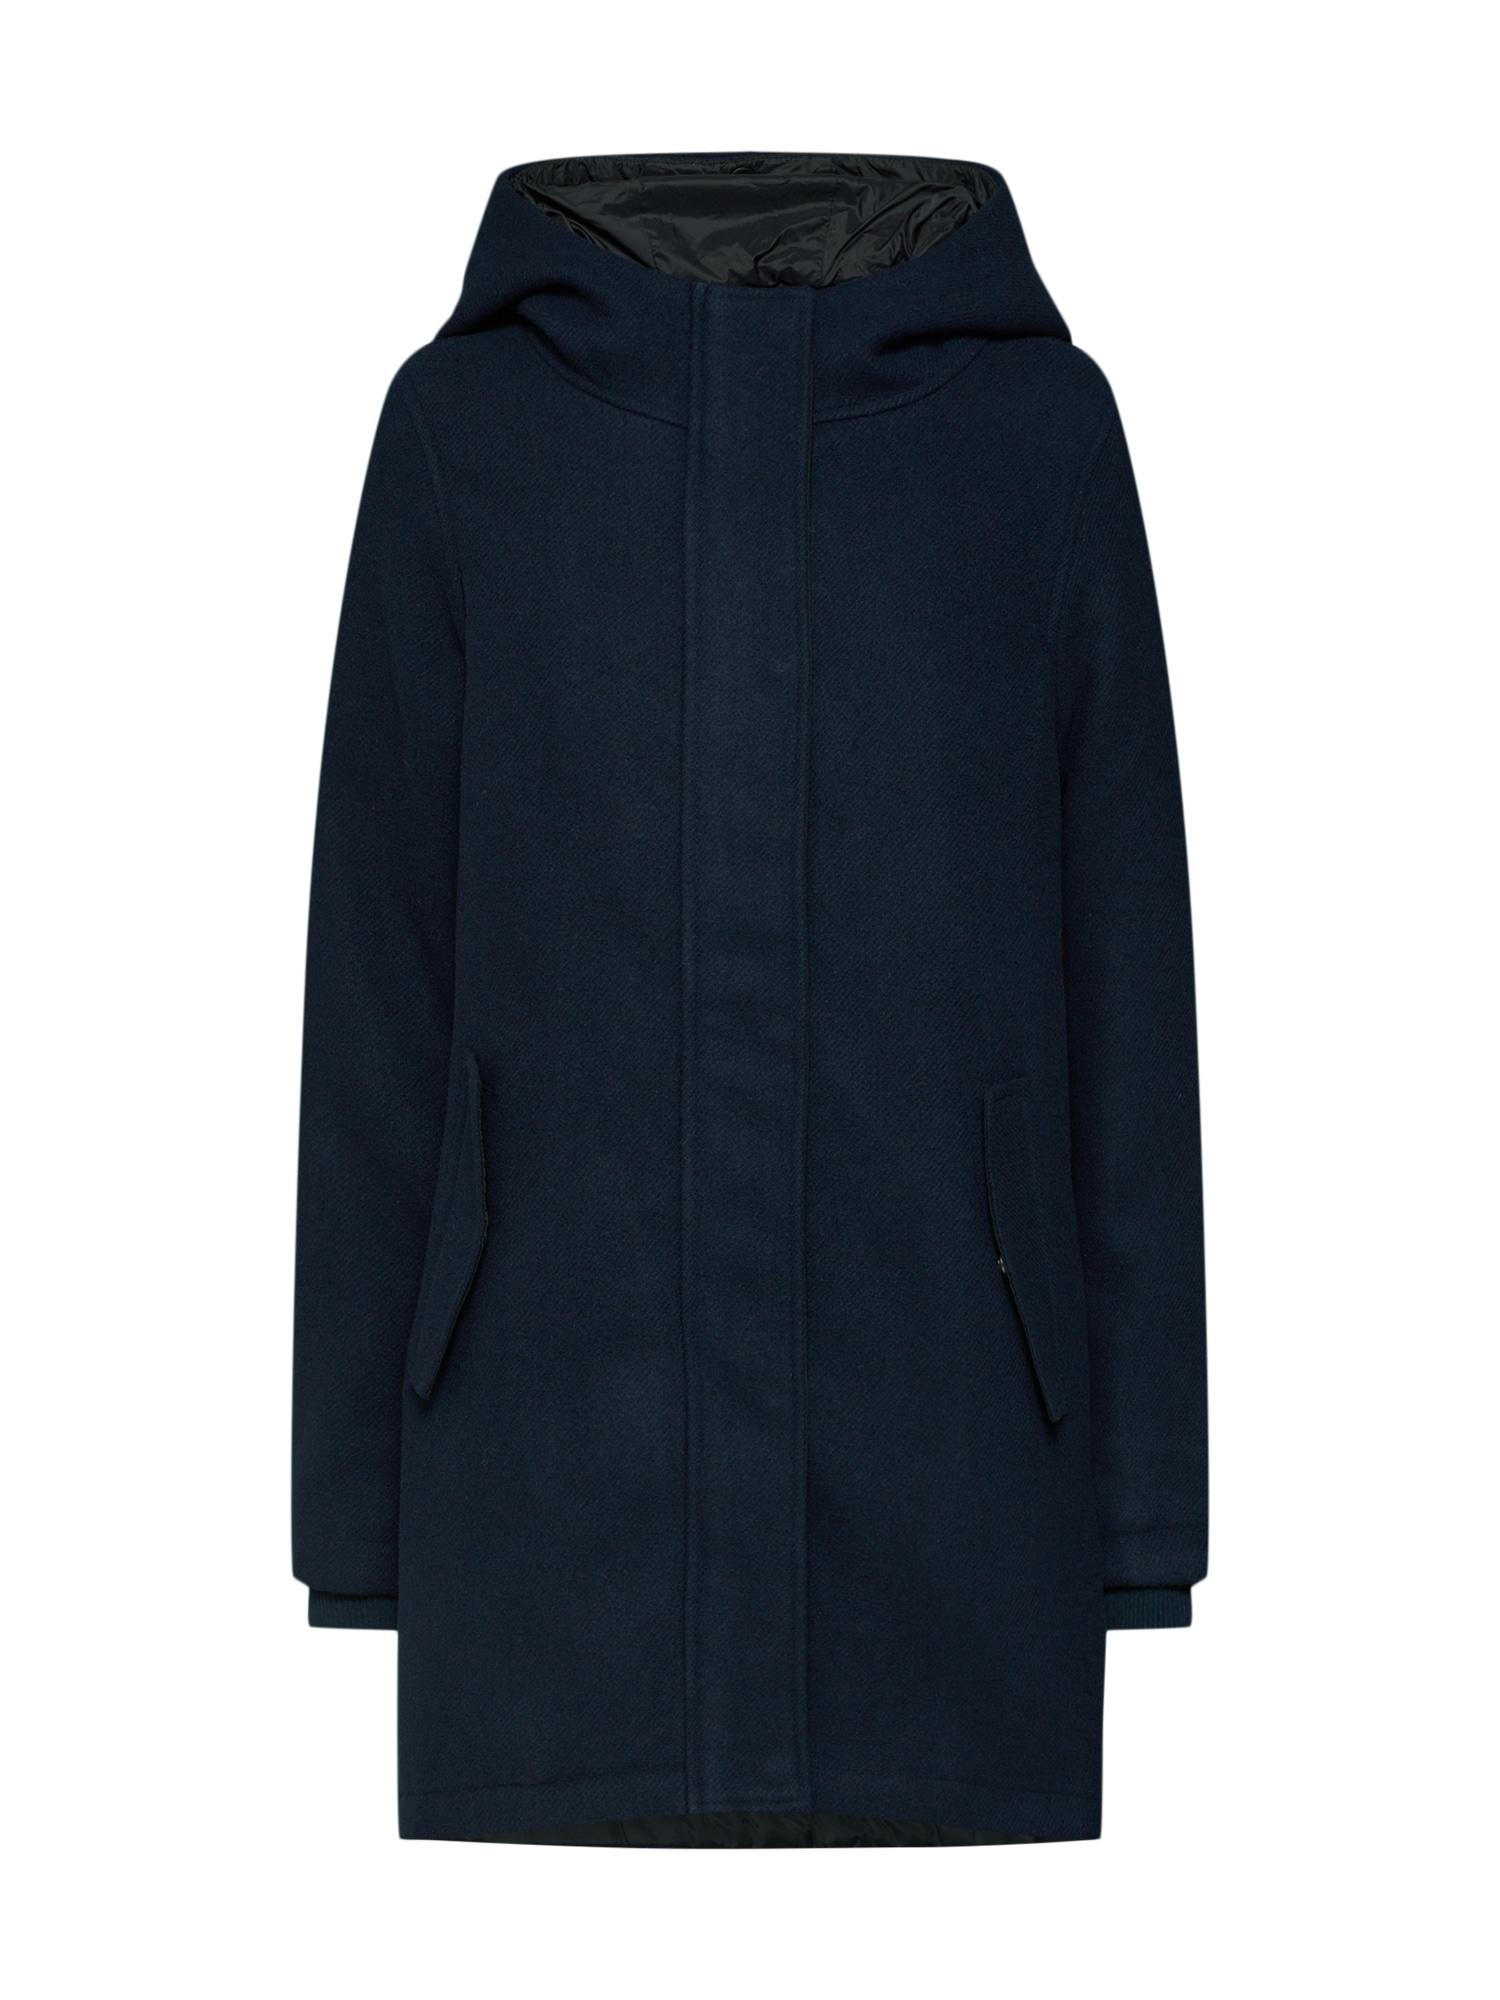 Zimní kabát TWO IN ONE námořnická modř Review